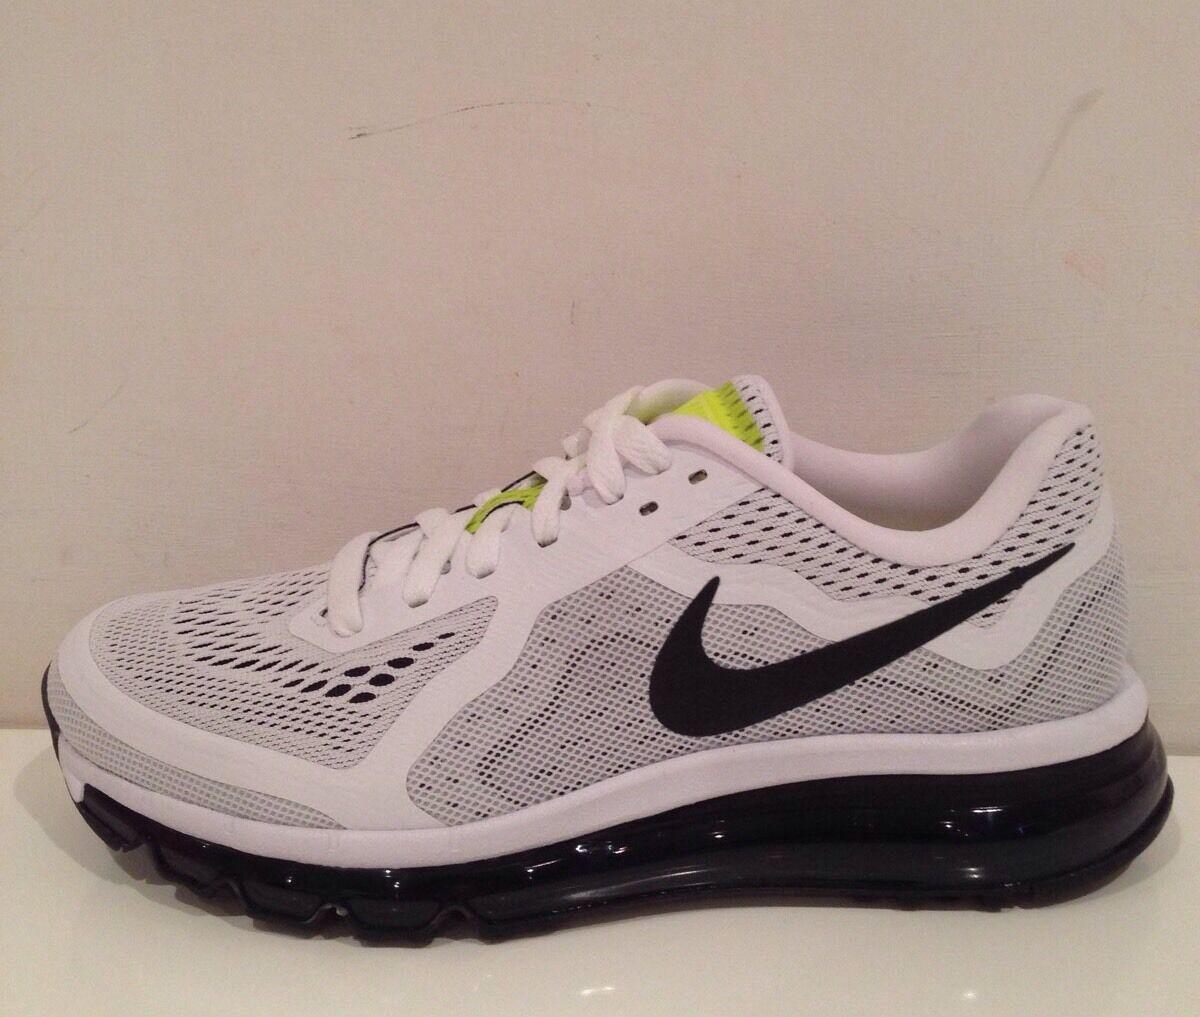 Nike Air Air Air Max 2014 tamaño 4 (Reino Unido) Nuevo Y En Caja  tienda en linea